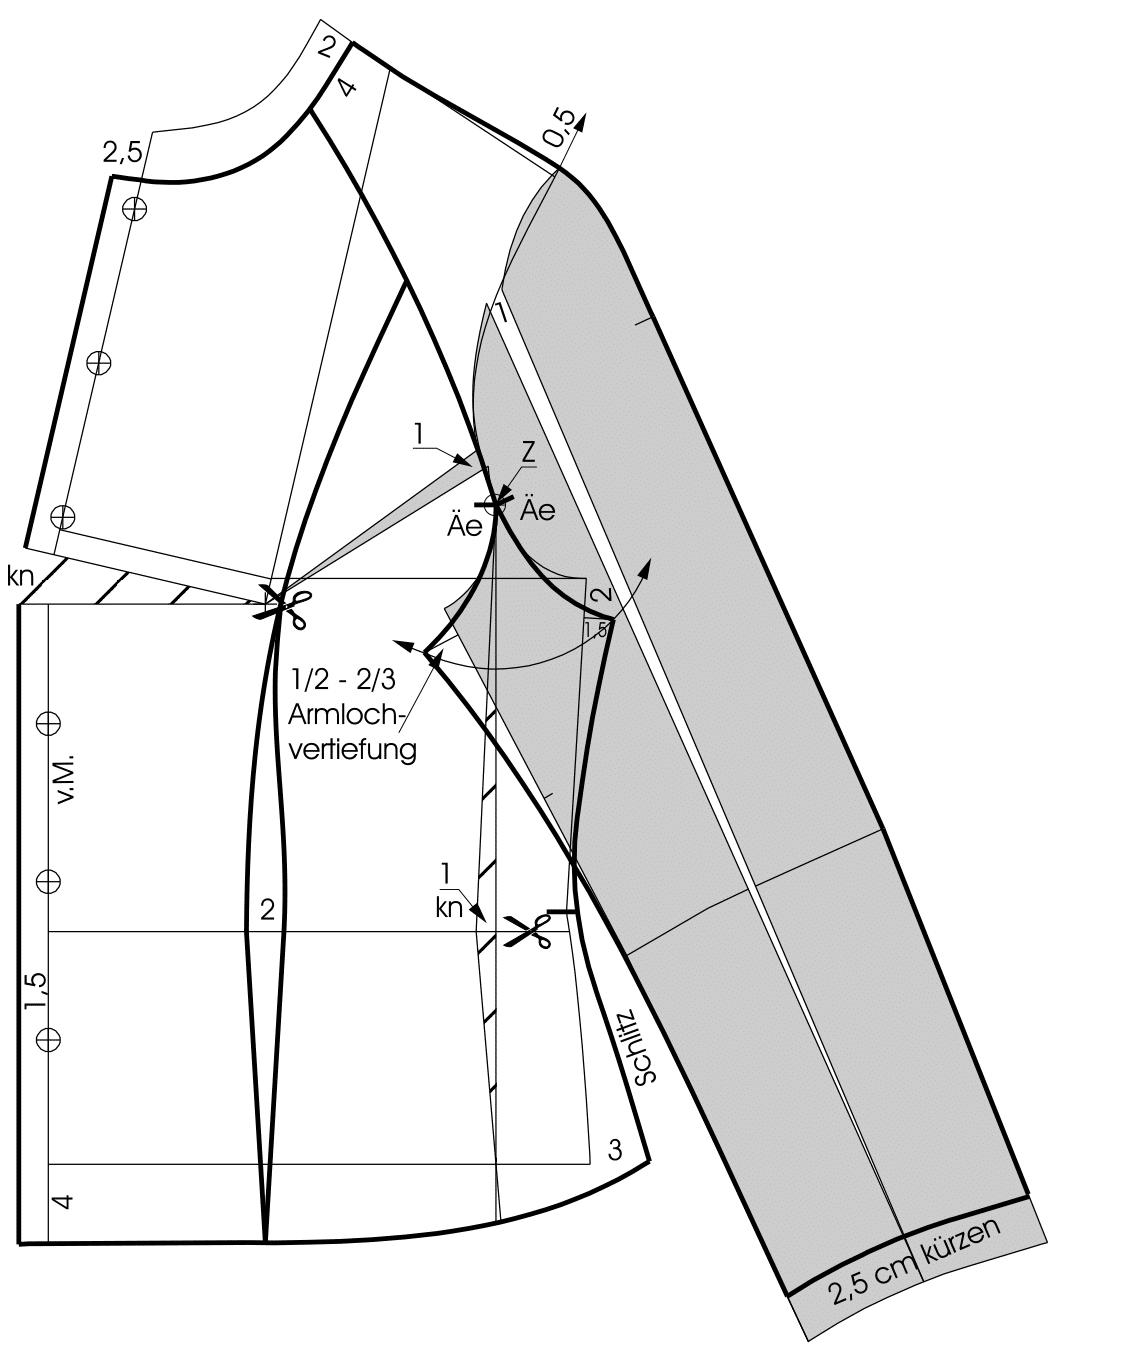 Die Zeichnung zeigt die Schnittkonstruktion einer Raglan Bluse für Große Größen.